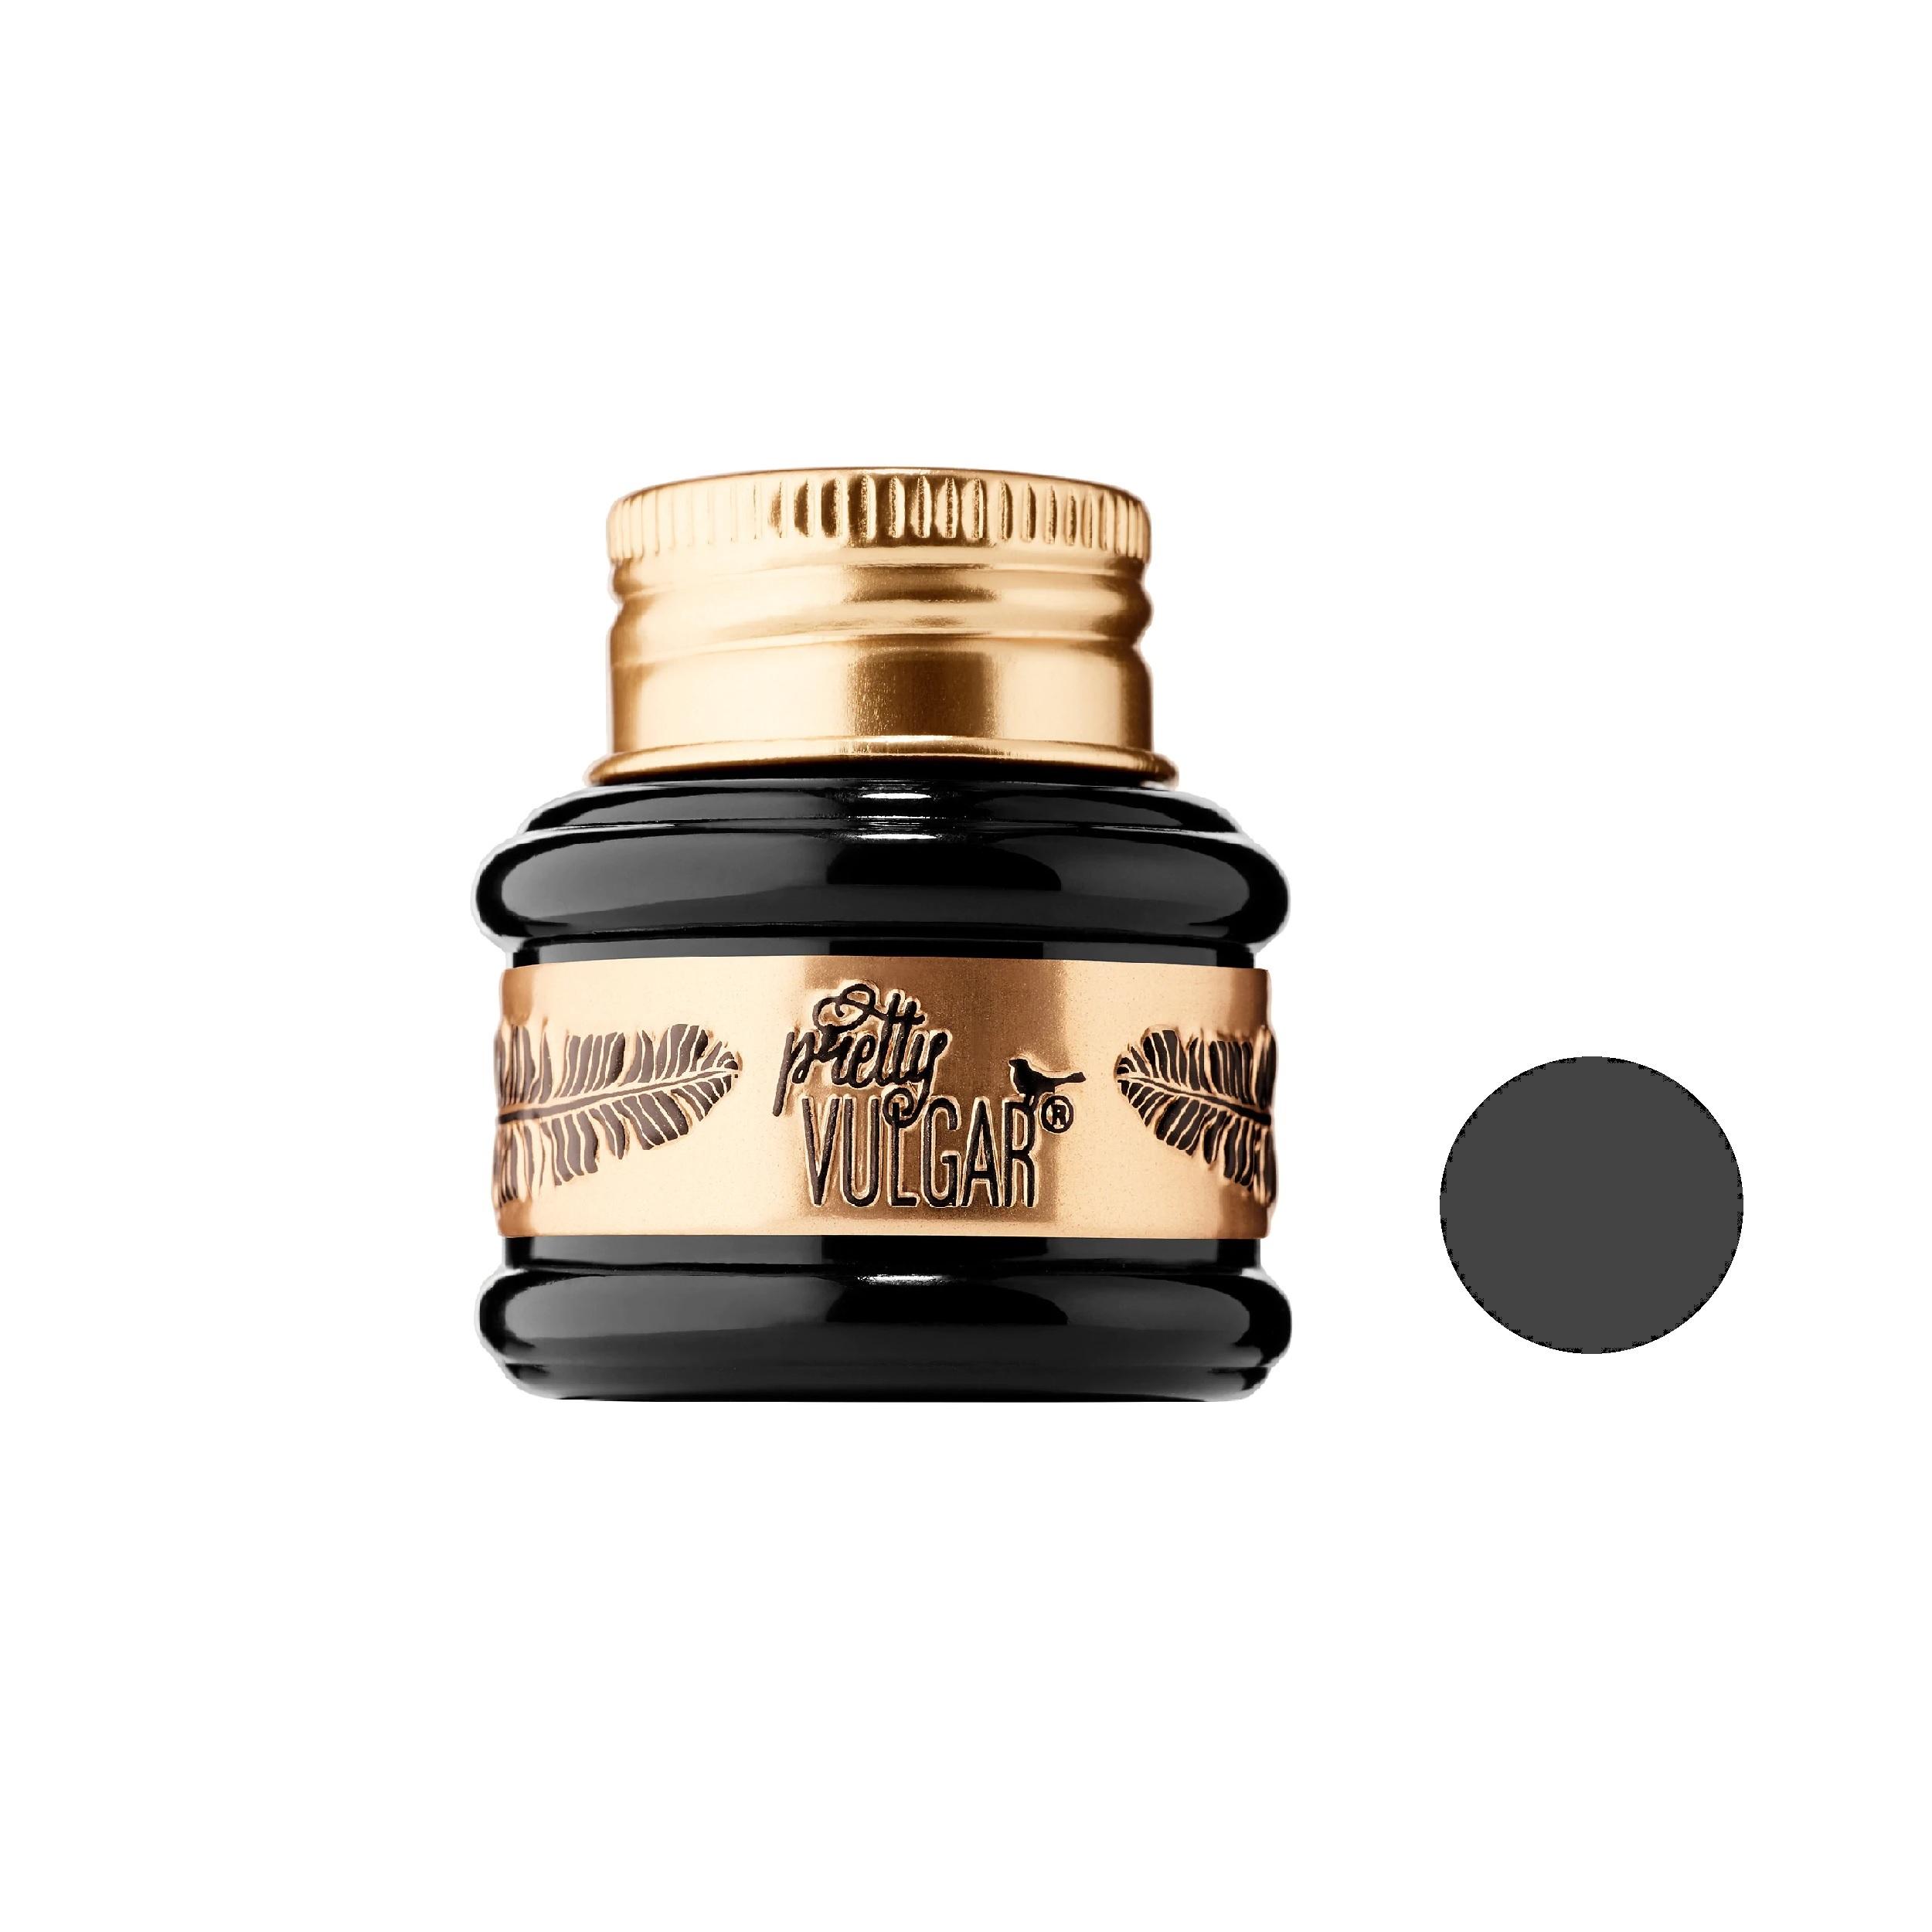 خط چشم پرتی وولگار مدل The Ink شماره 02